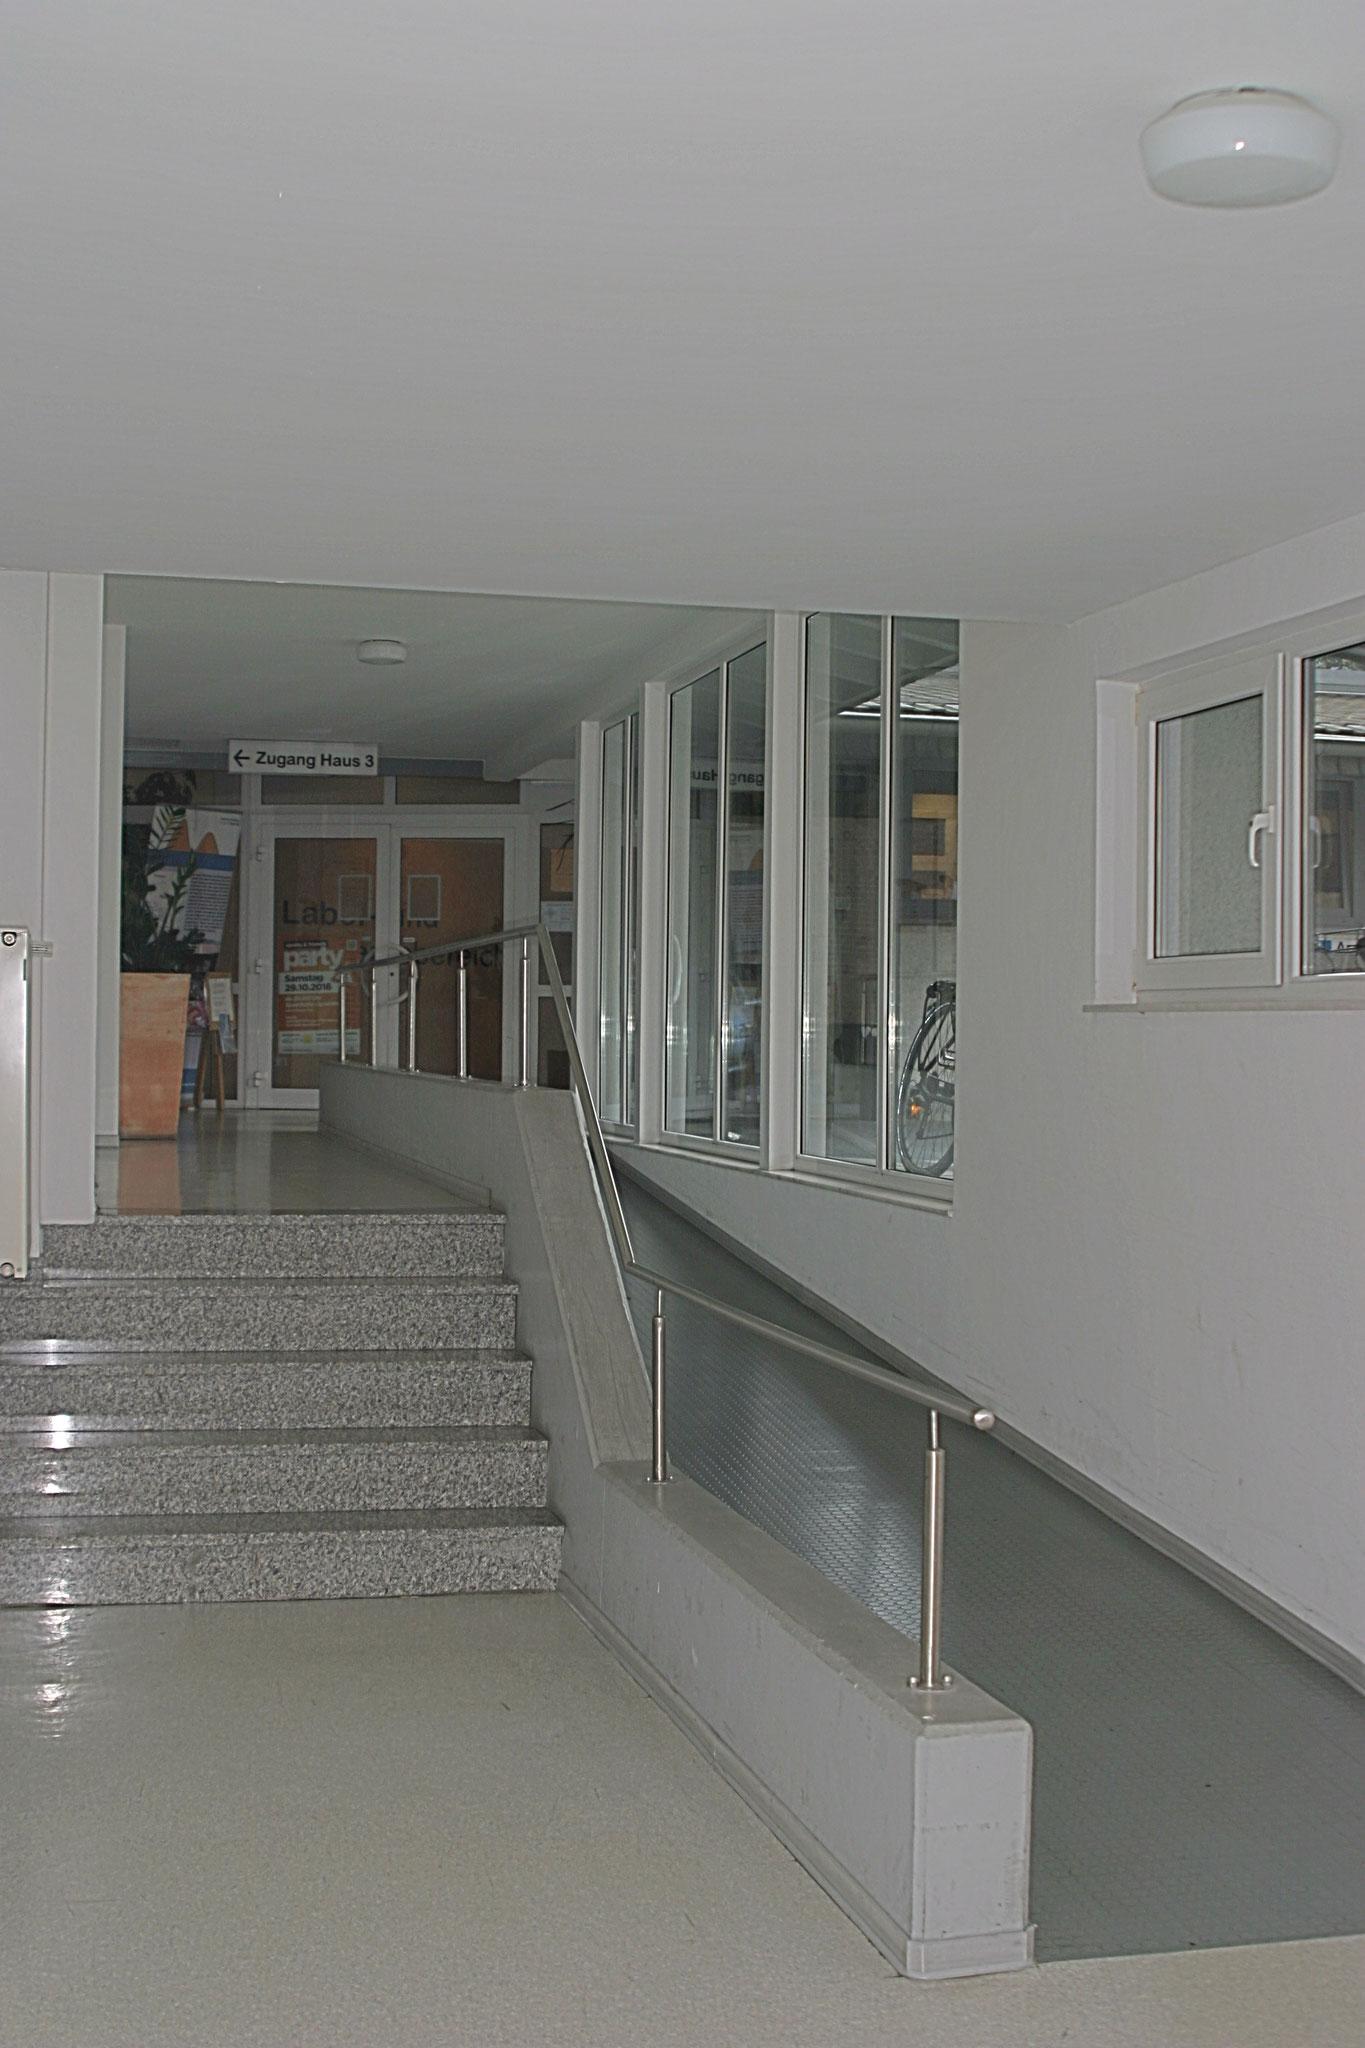 Verbindungsflur zwischen Haus 1 und 2